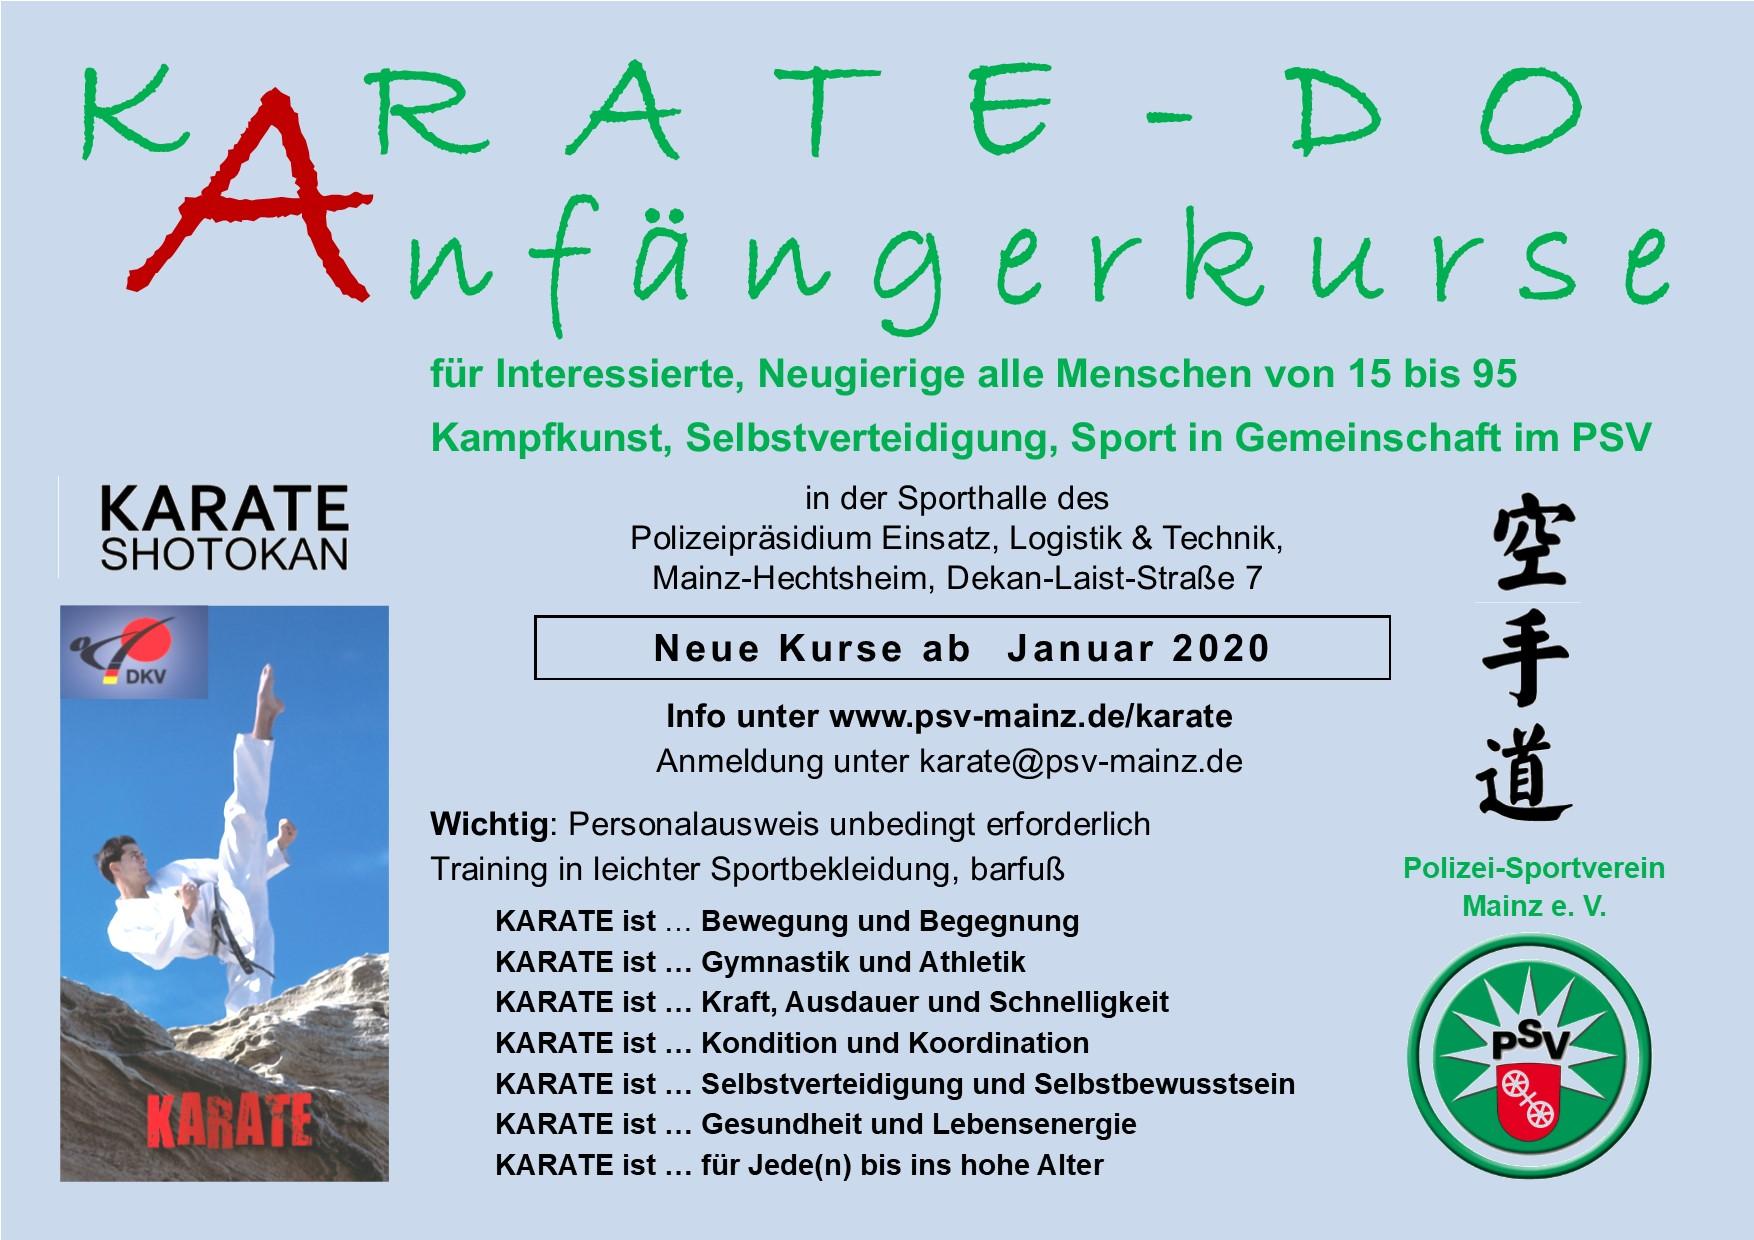 karate-Anfängerkurs im PSV Mainz im August